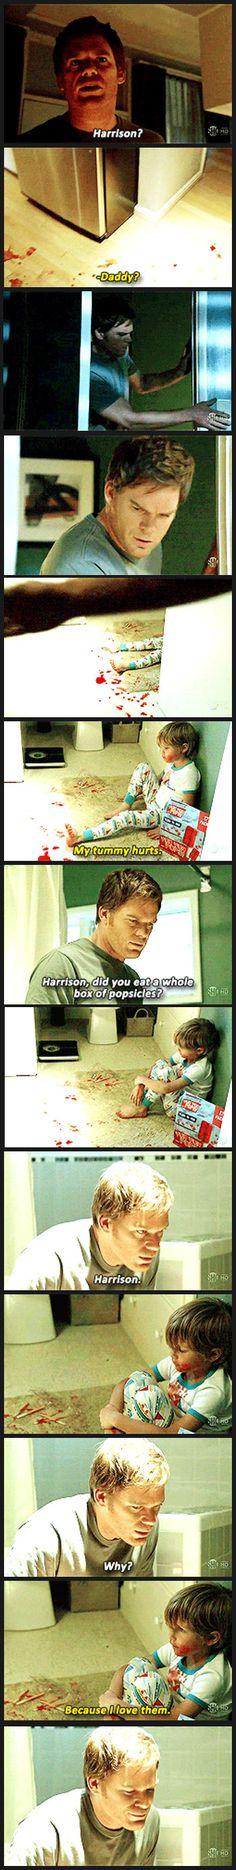 Dexter freaks out…